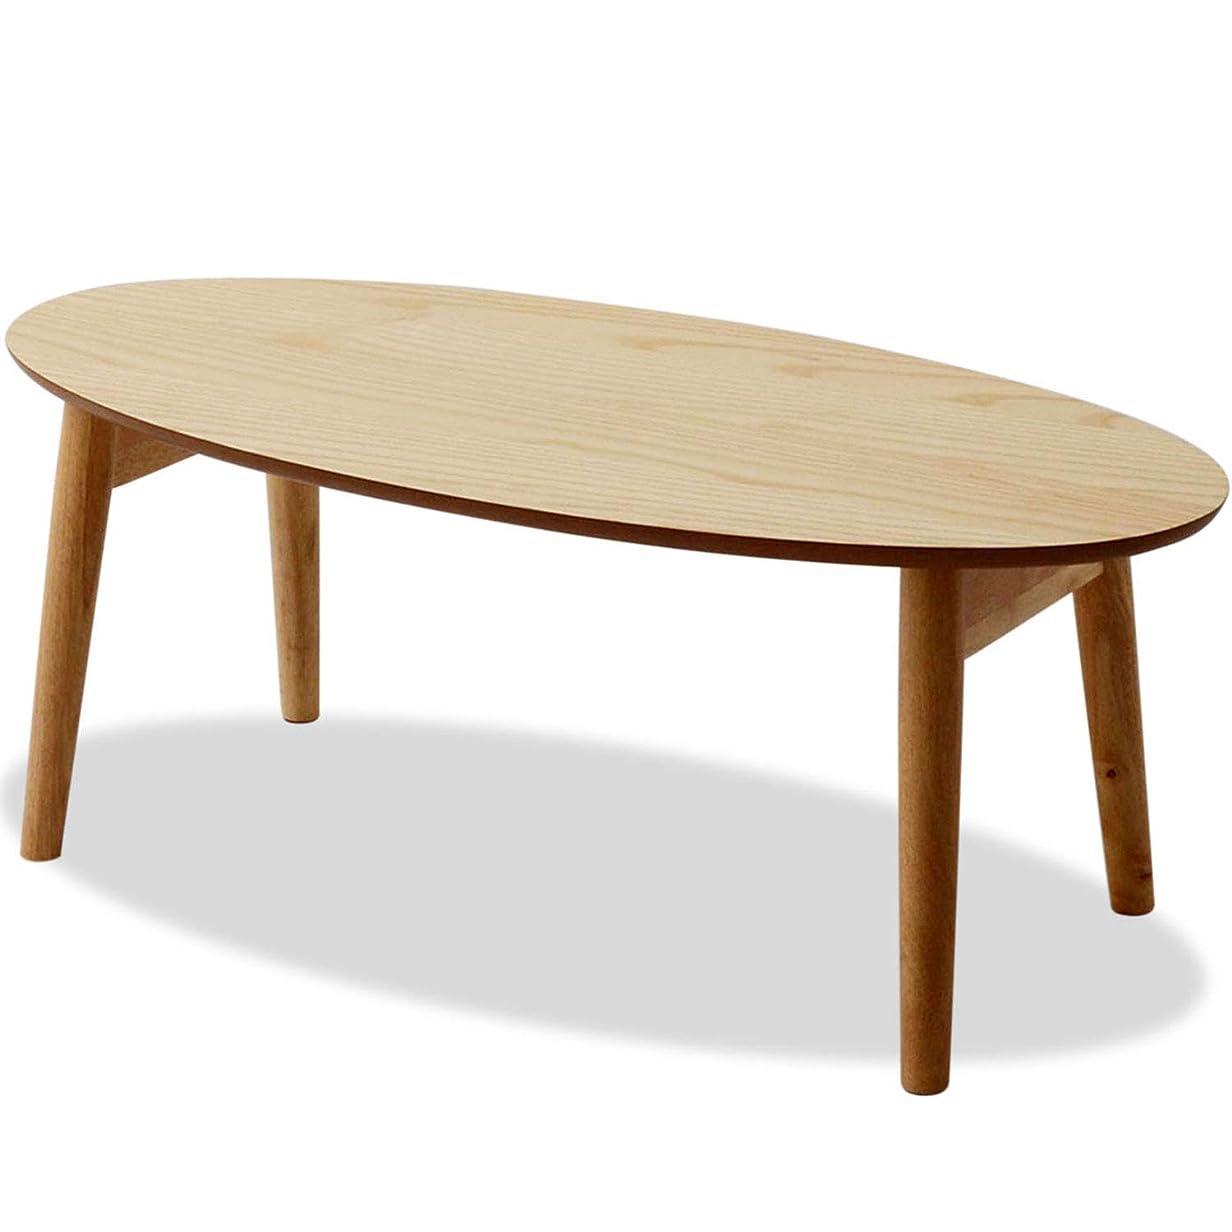 誇りに思う名門サポートエムール 折りたたみテーブル オーバル 楕円形 幅90cm アッシュ ローテーブル コーヒーテーブル 座卓 収納 コンパクト